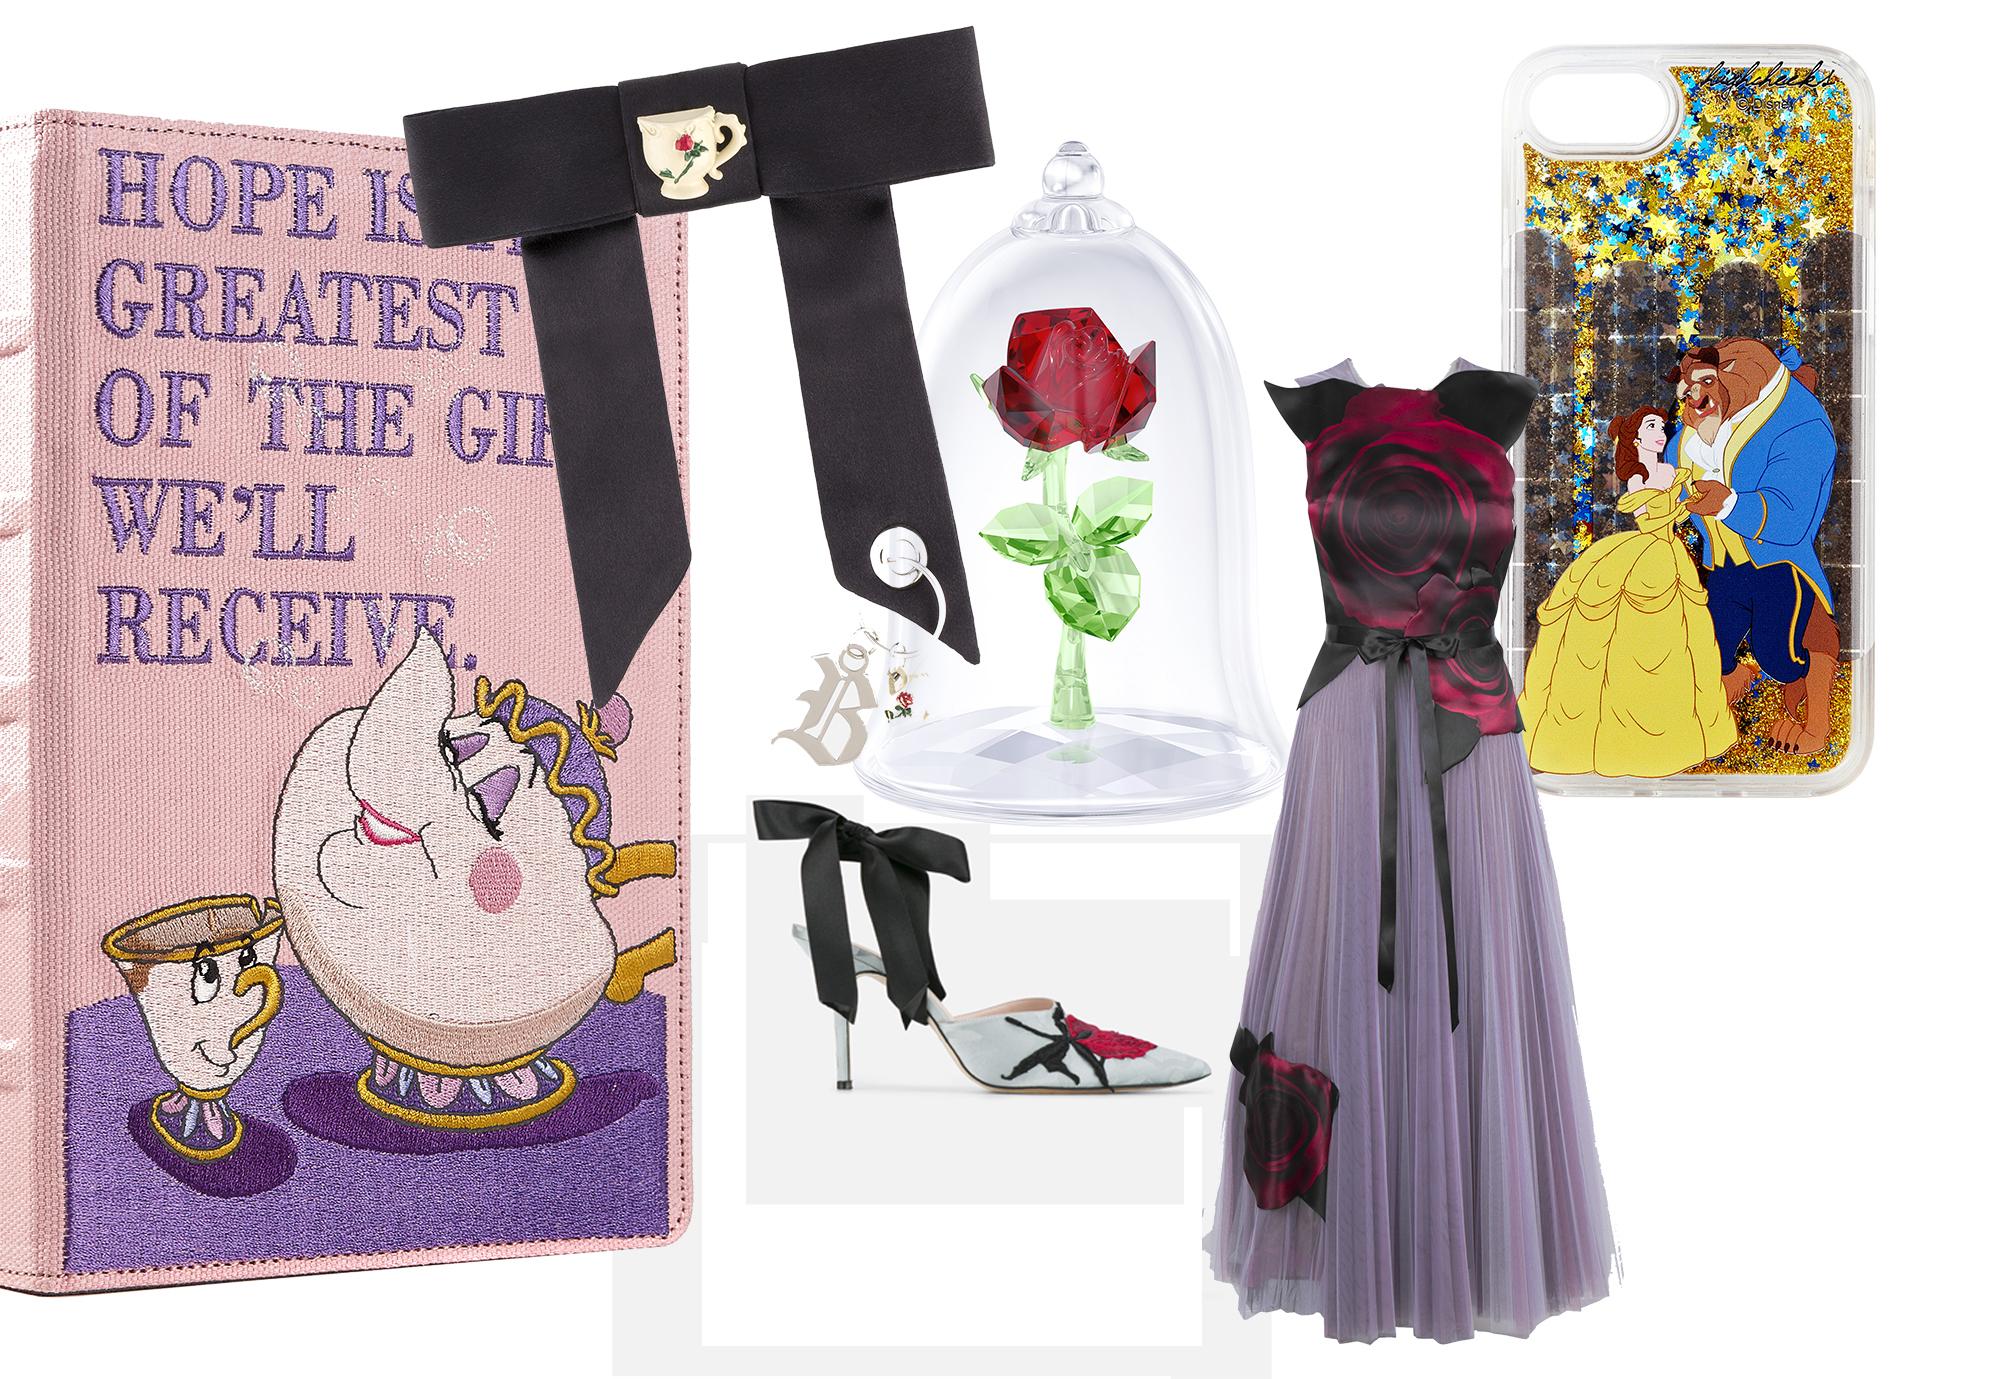 아름다운 벨과 진정한 사랑의 의미를 찾아야만 저주를 풀 수 있는 야수의 낭만적인 이야기를 담은 디즈니의 클래식 애니메이션 <미녀와 야수> 와 패션 브랜드들의 만남.